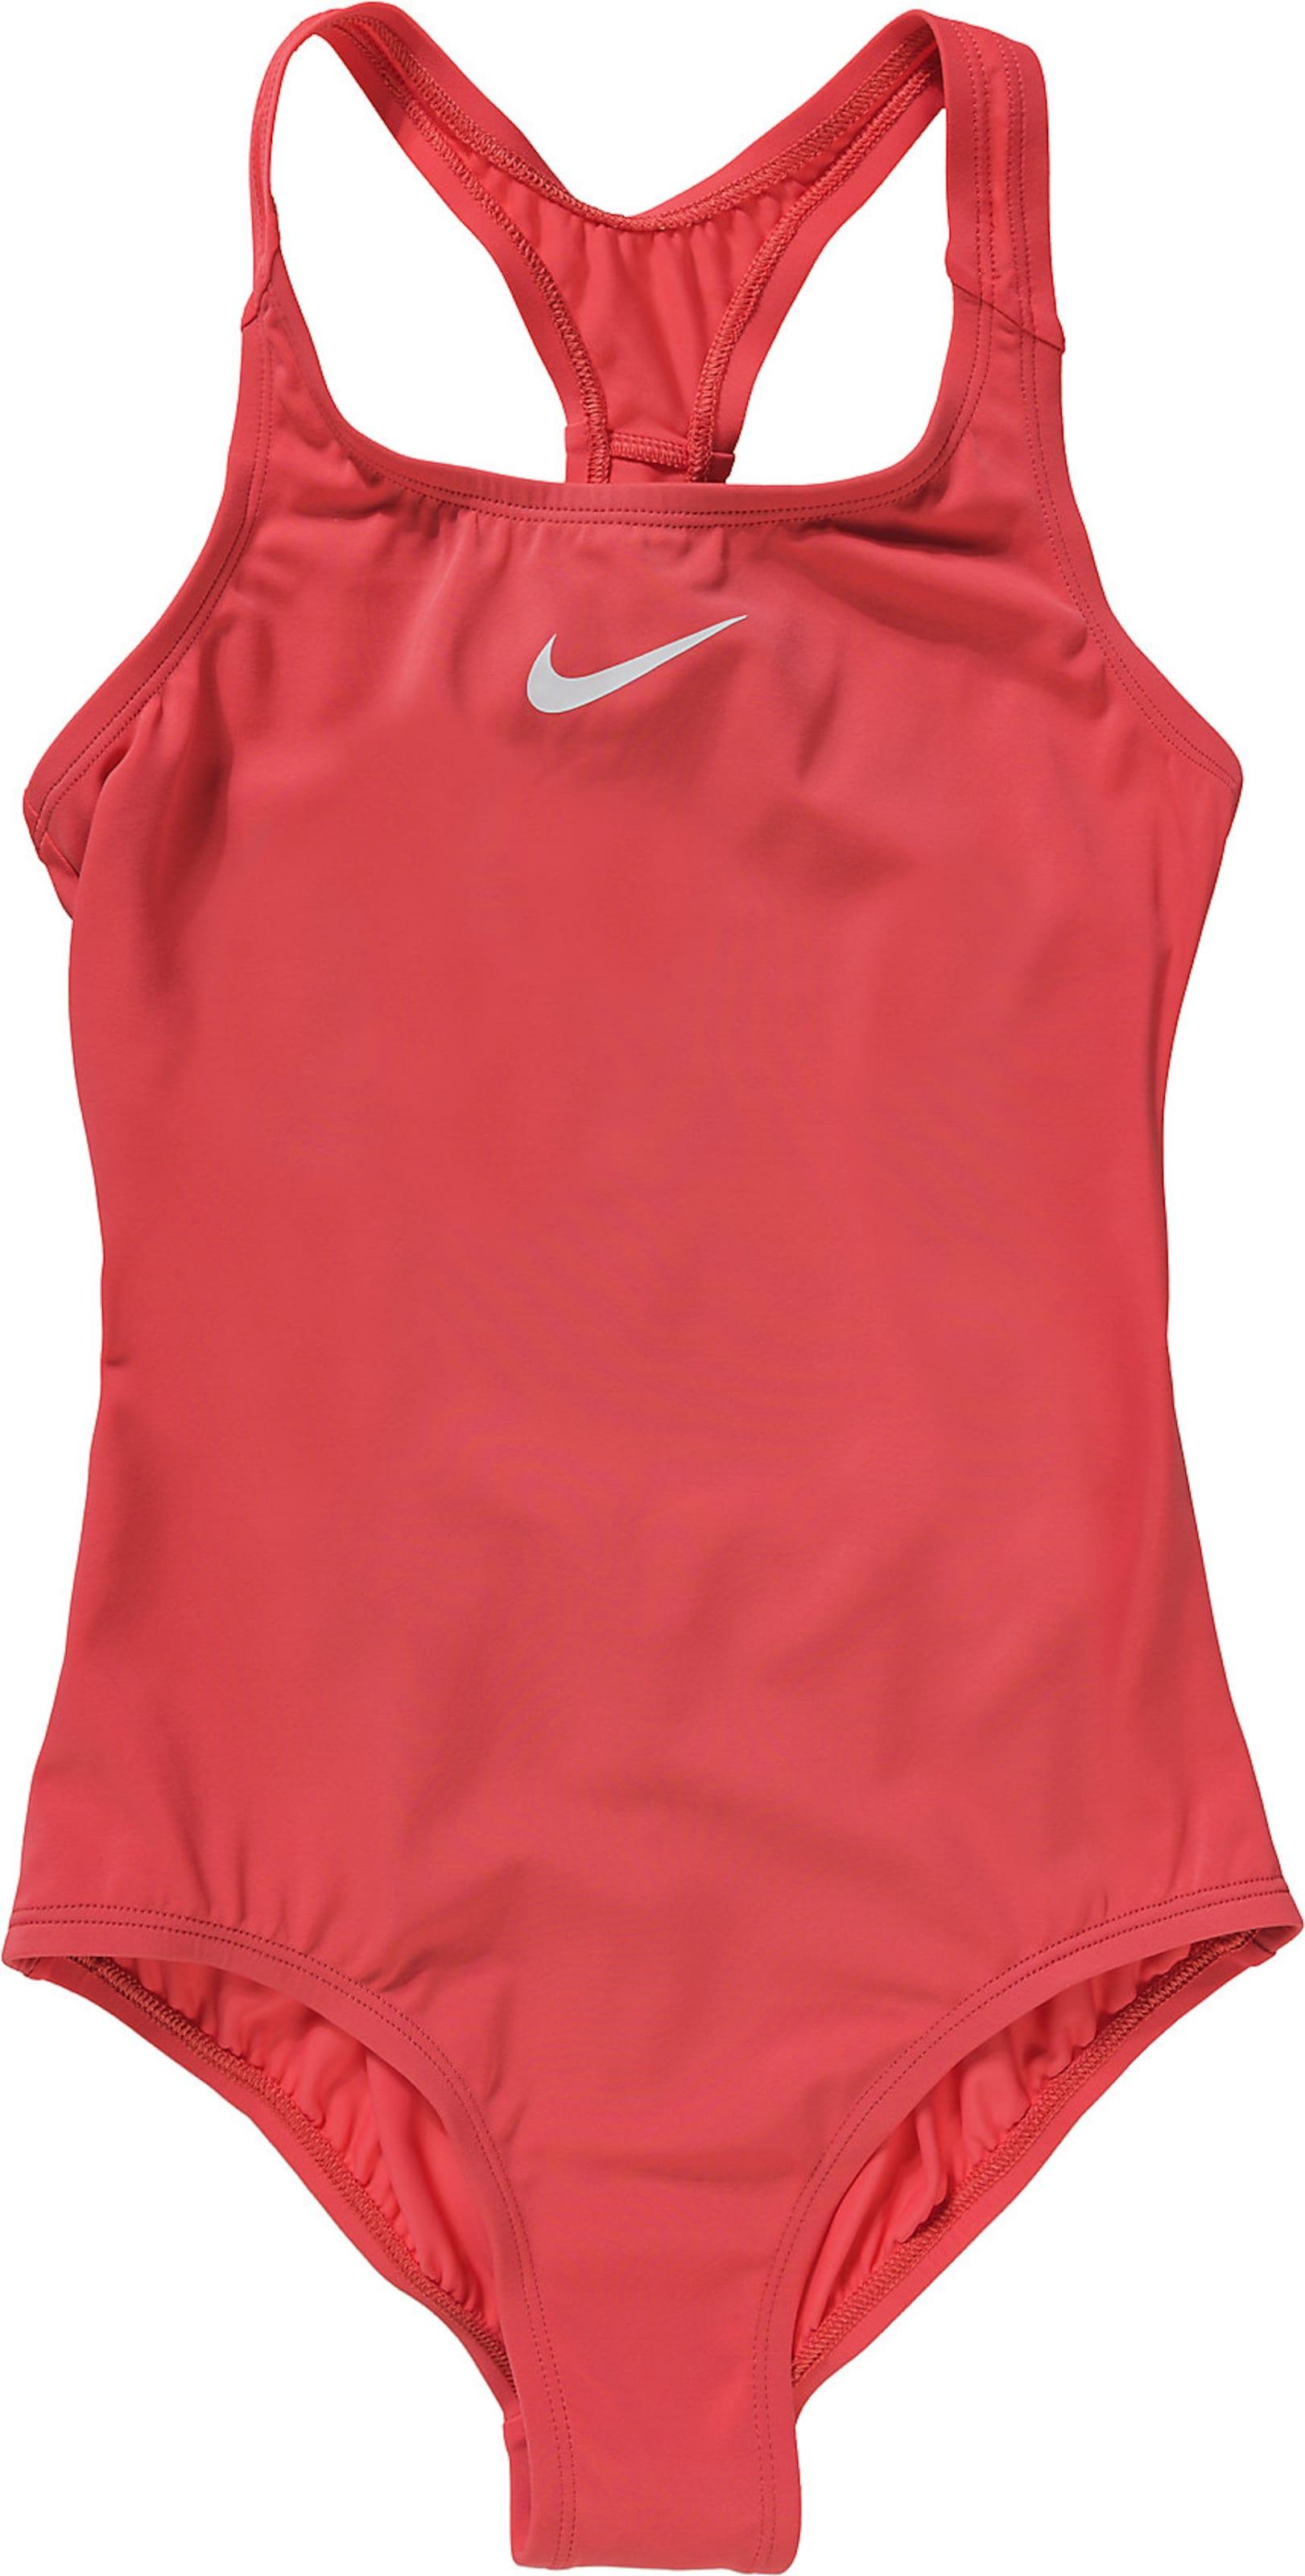 Kinder,  Mädchen,  Kinder Nike Badeanzug orange | 05057764376600